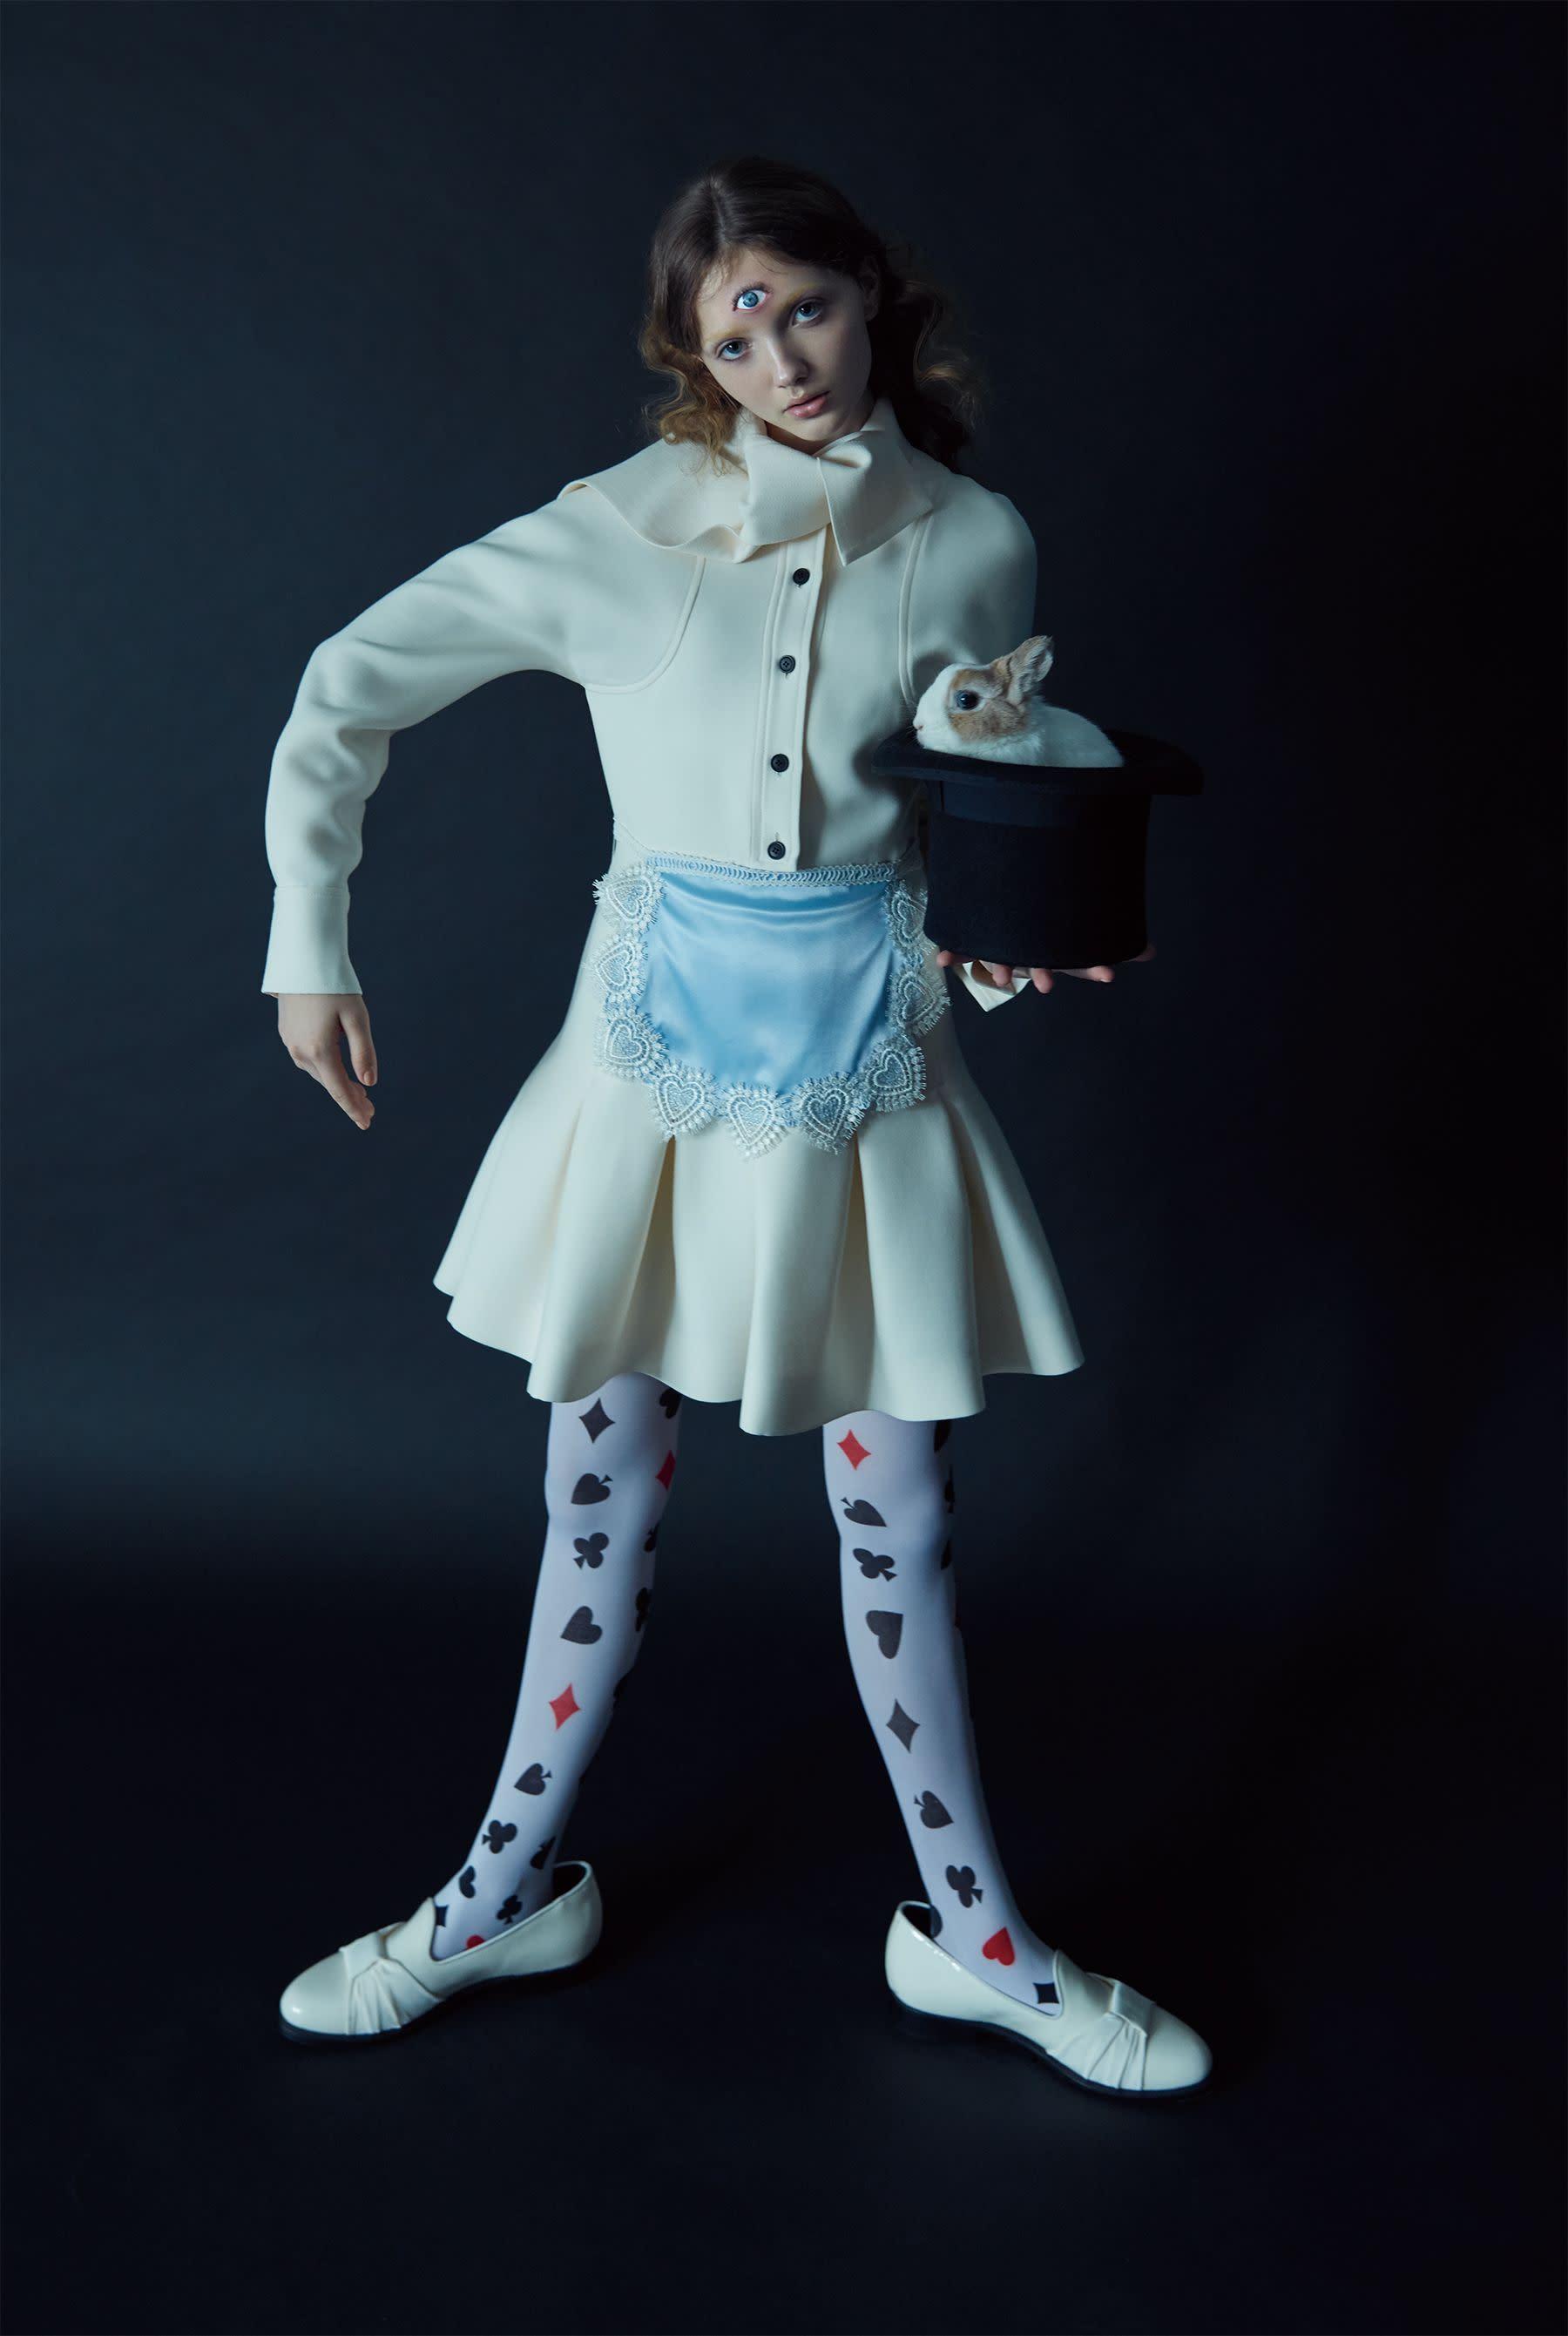 洋裝,Dior;鞋,Giuseppe Zanotti;禮帽、褲襪、圍裙,私人提供。